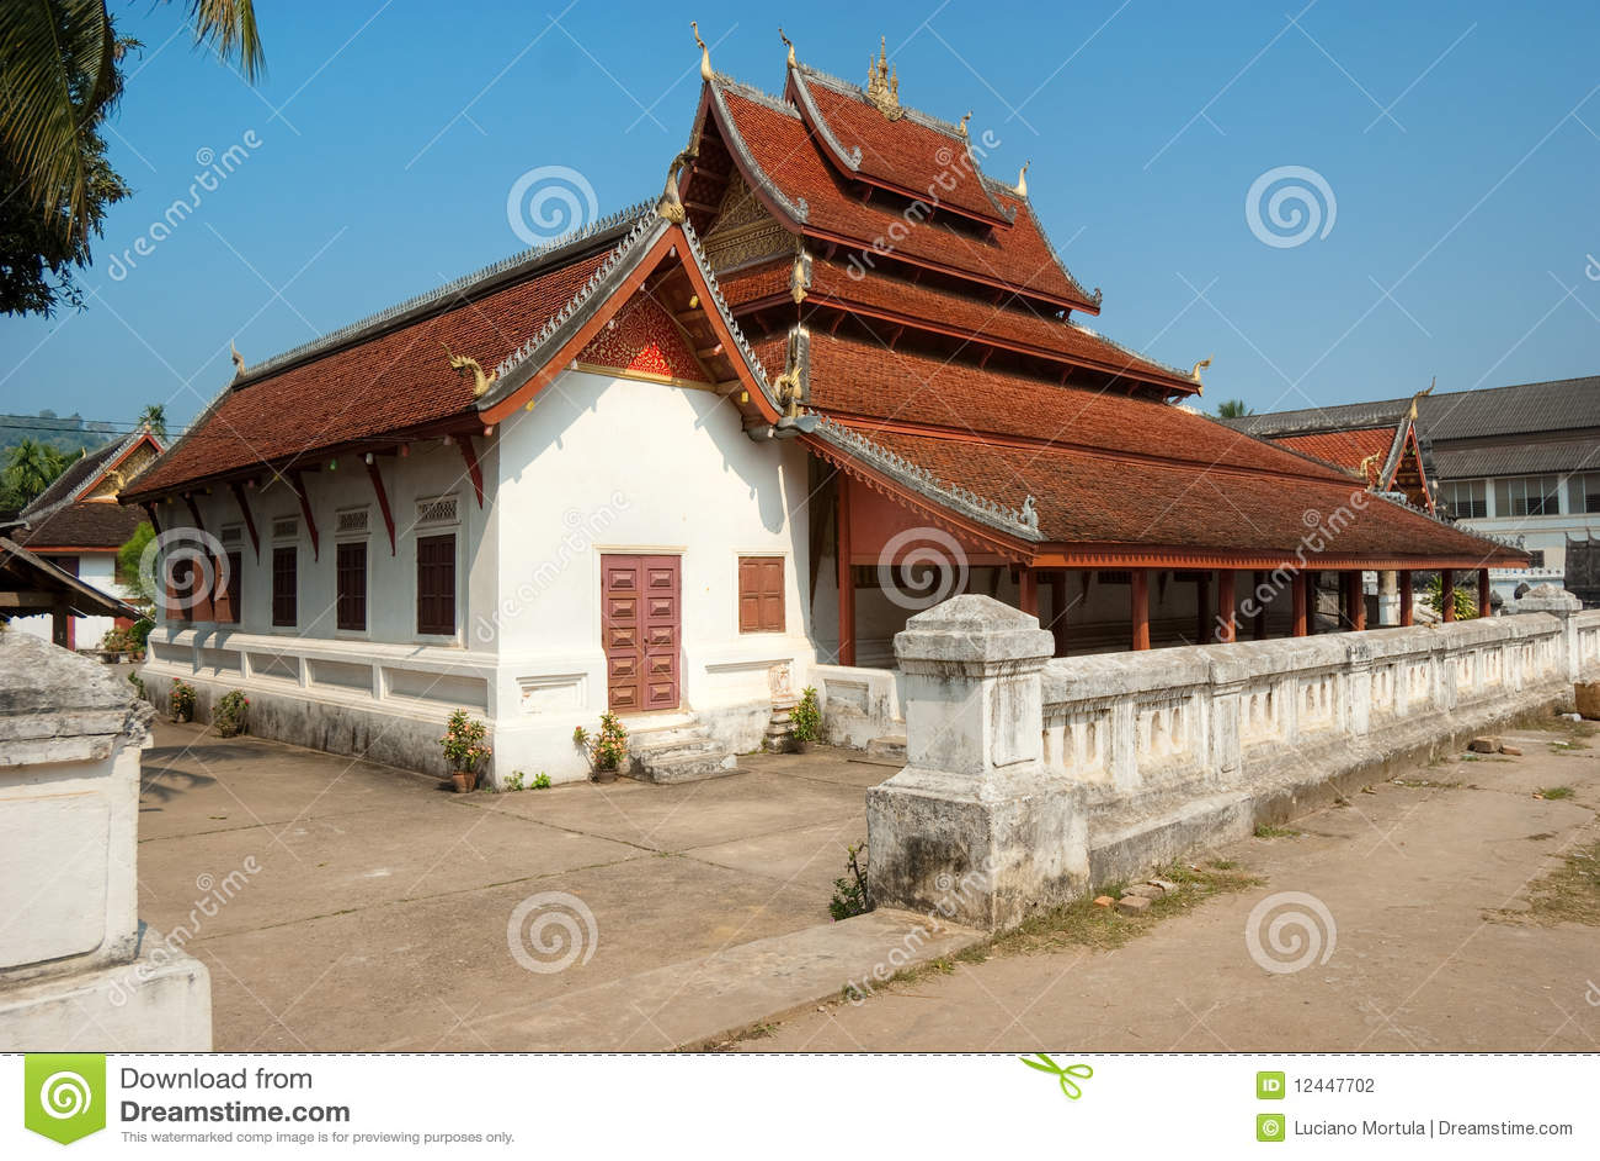 Tempiale in Luang Prabang, Laos.